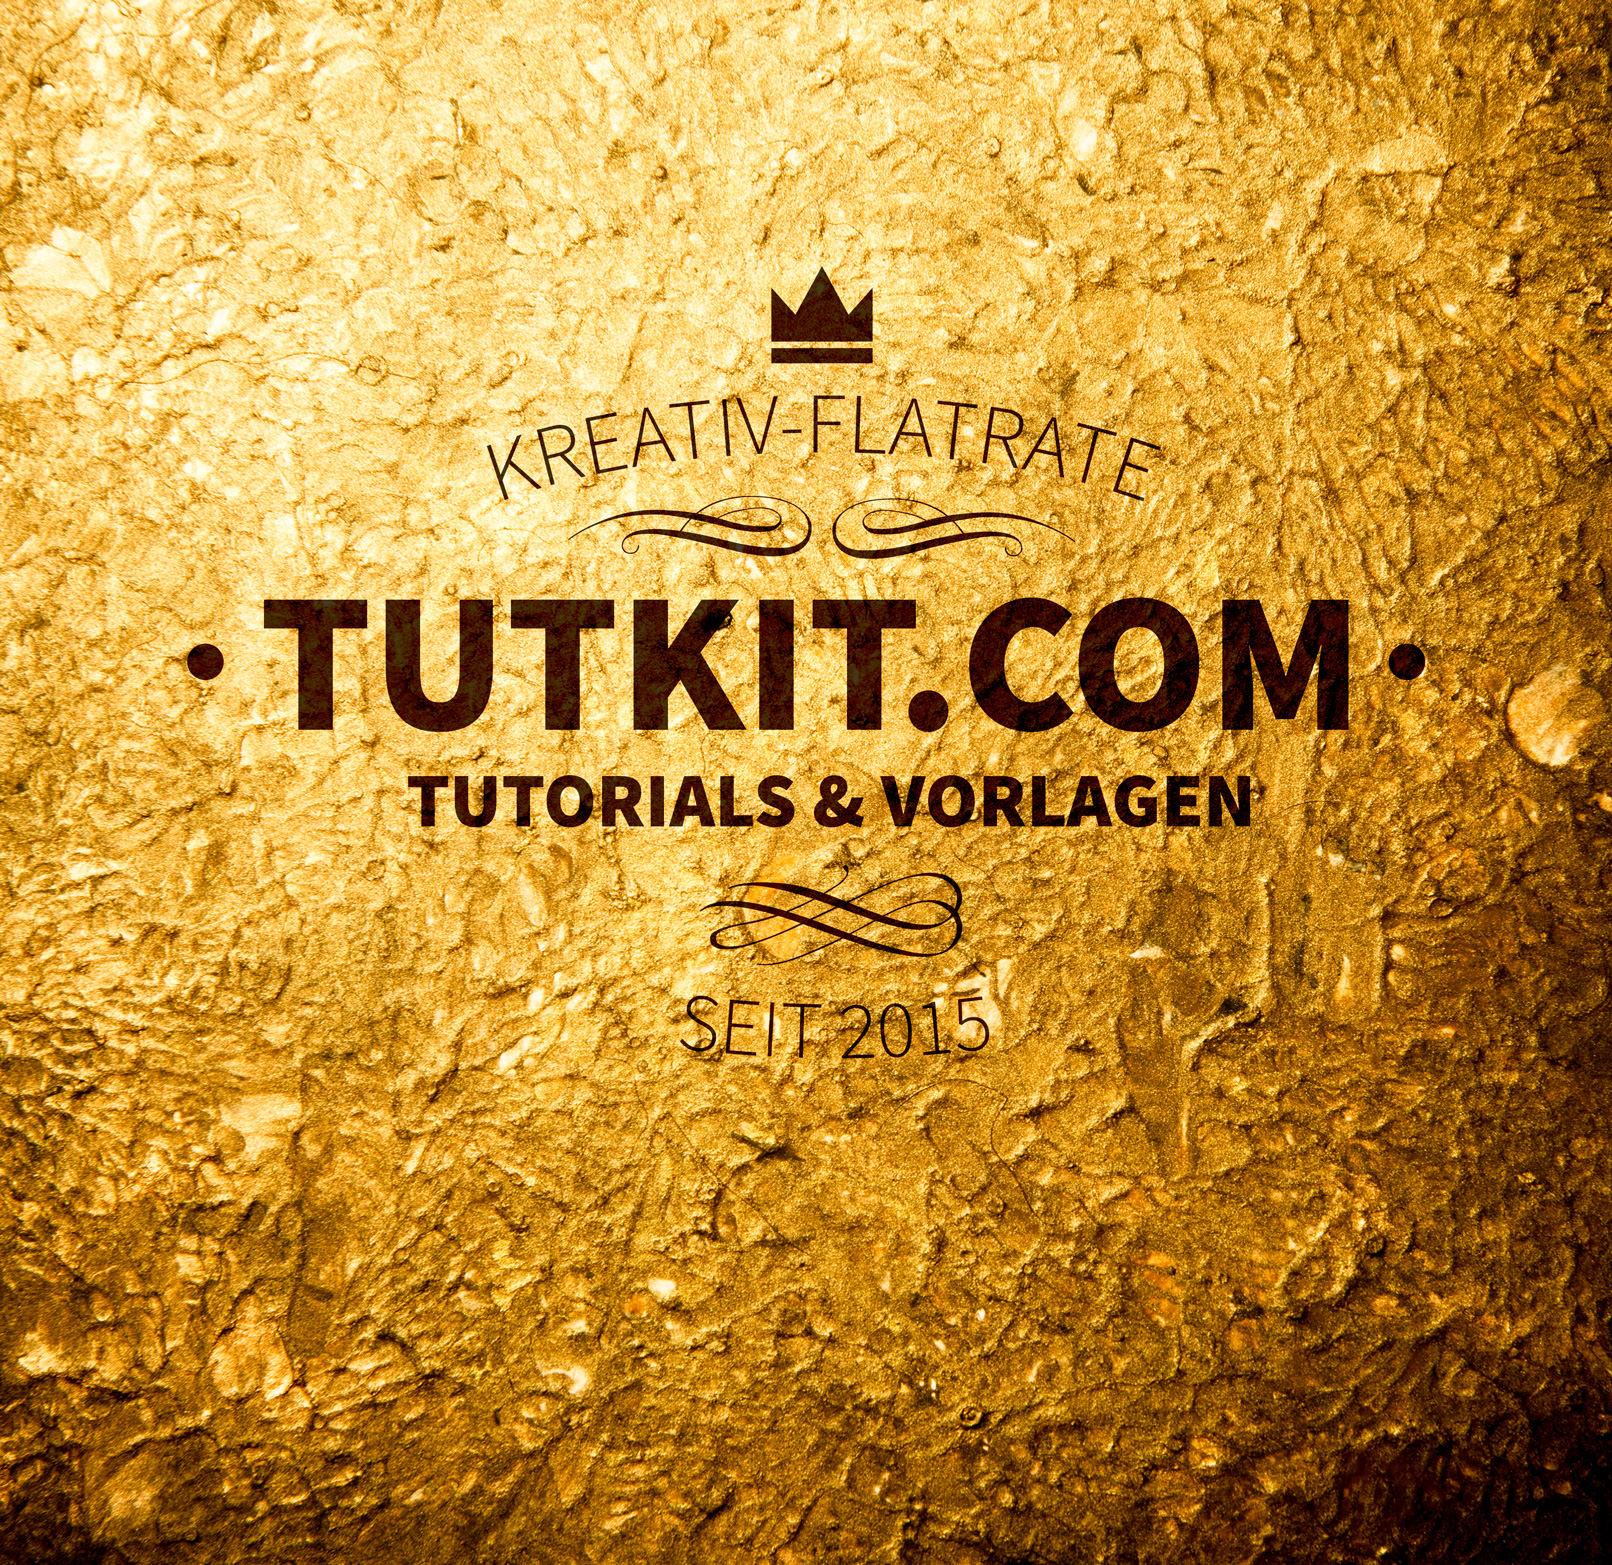 Gold-Textur im Hintergrund eines Schriftzugs